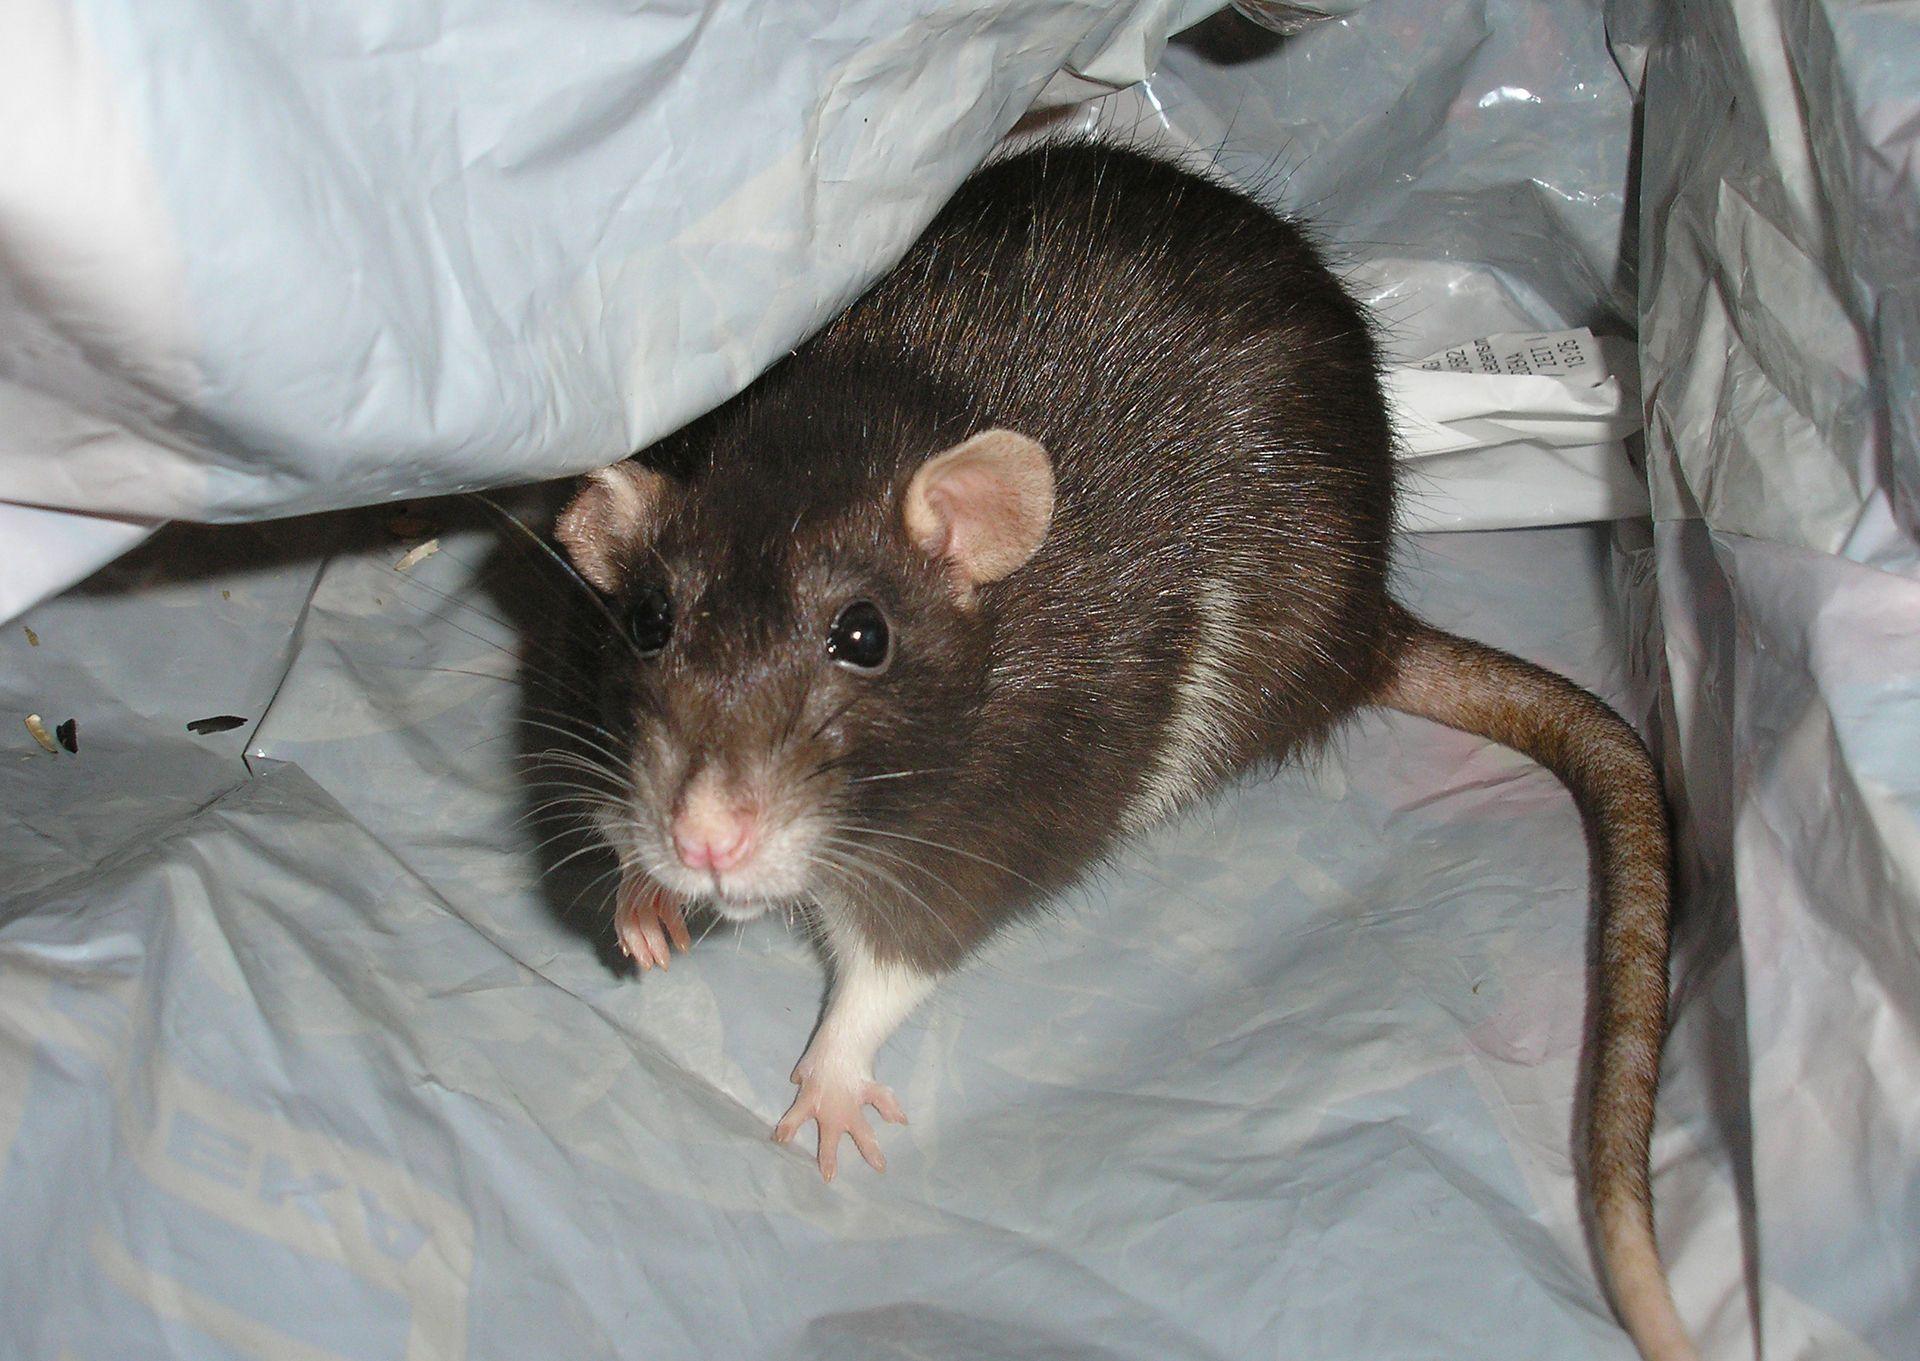 Ratten Im Garten Was Tun Inspirierend Tipps Gegen Ratten Im Haus so Hat Plage Schnell Ein